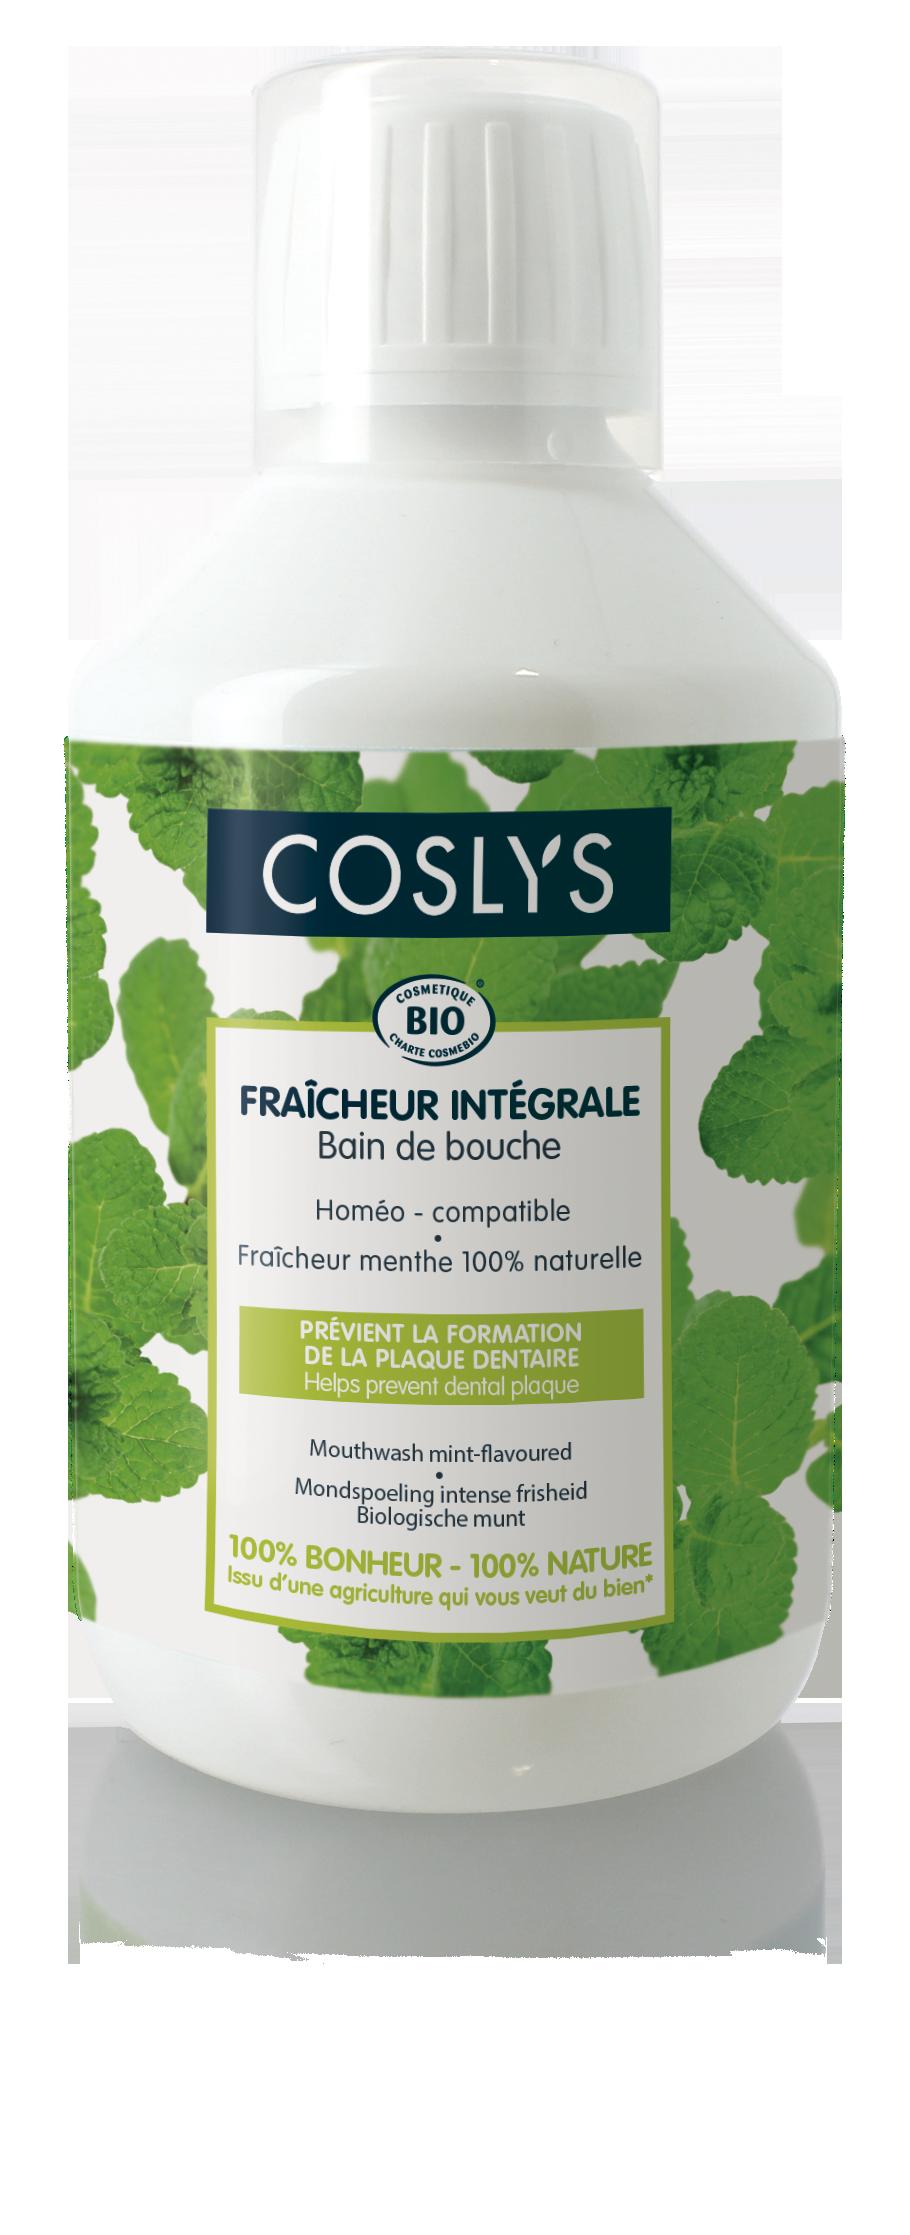 Coslys - Fraîcheur intégrale - bain de bouche